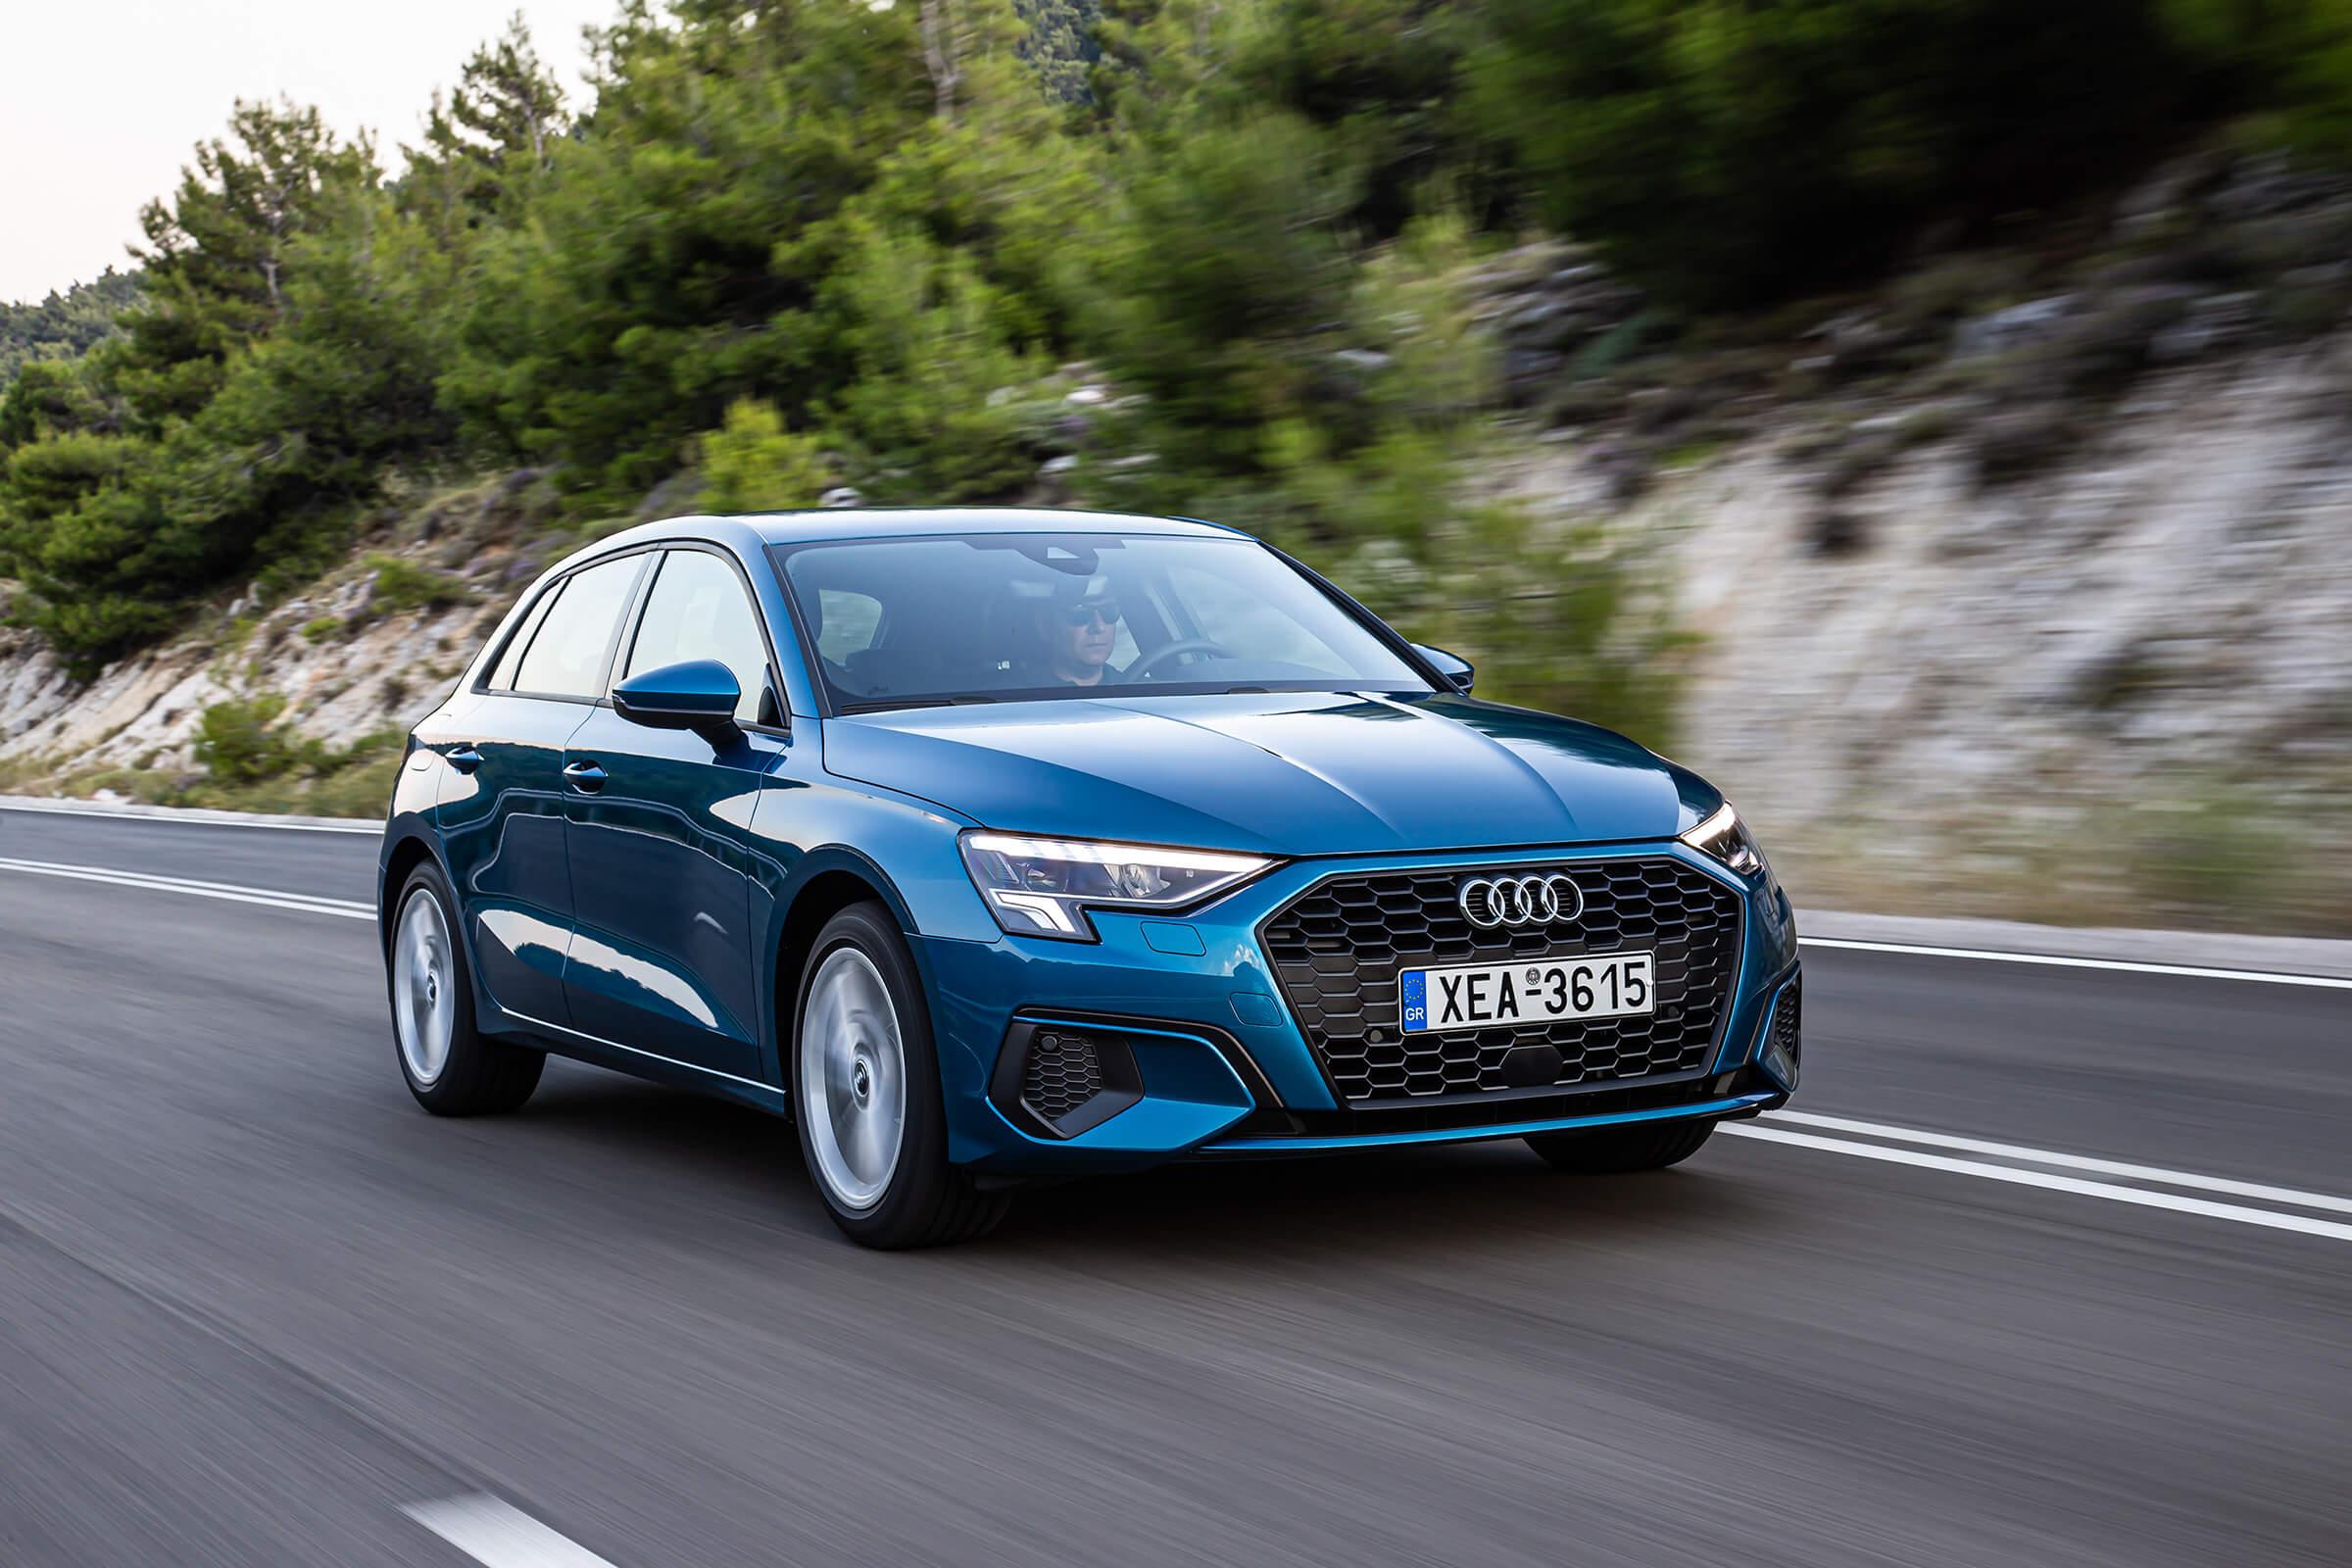 Νέο Audi A3 Sportback - Εξωτερικός σχεδιασμός